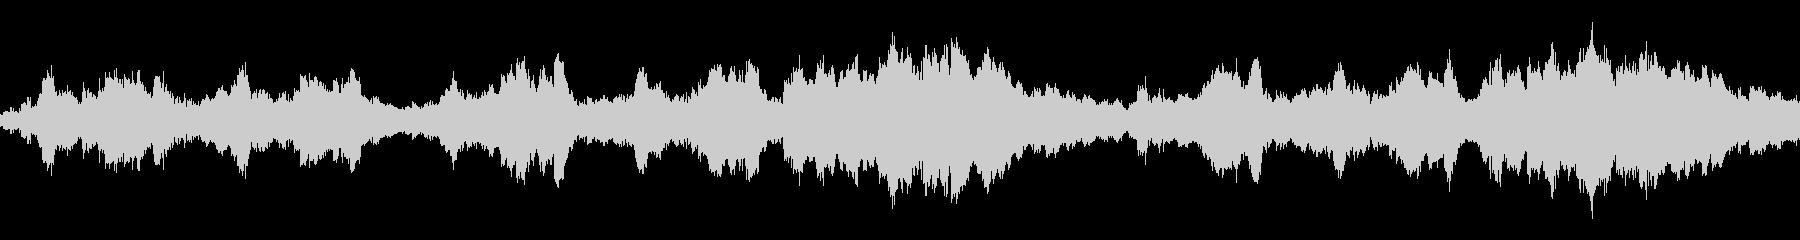 「エリーゼのために」ピアノソロ(ループ)の未再生の波形